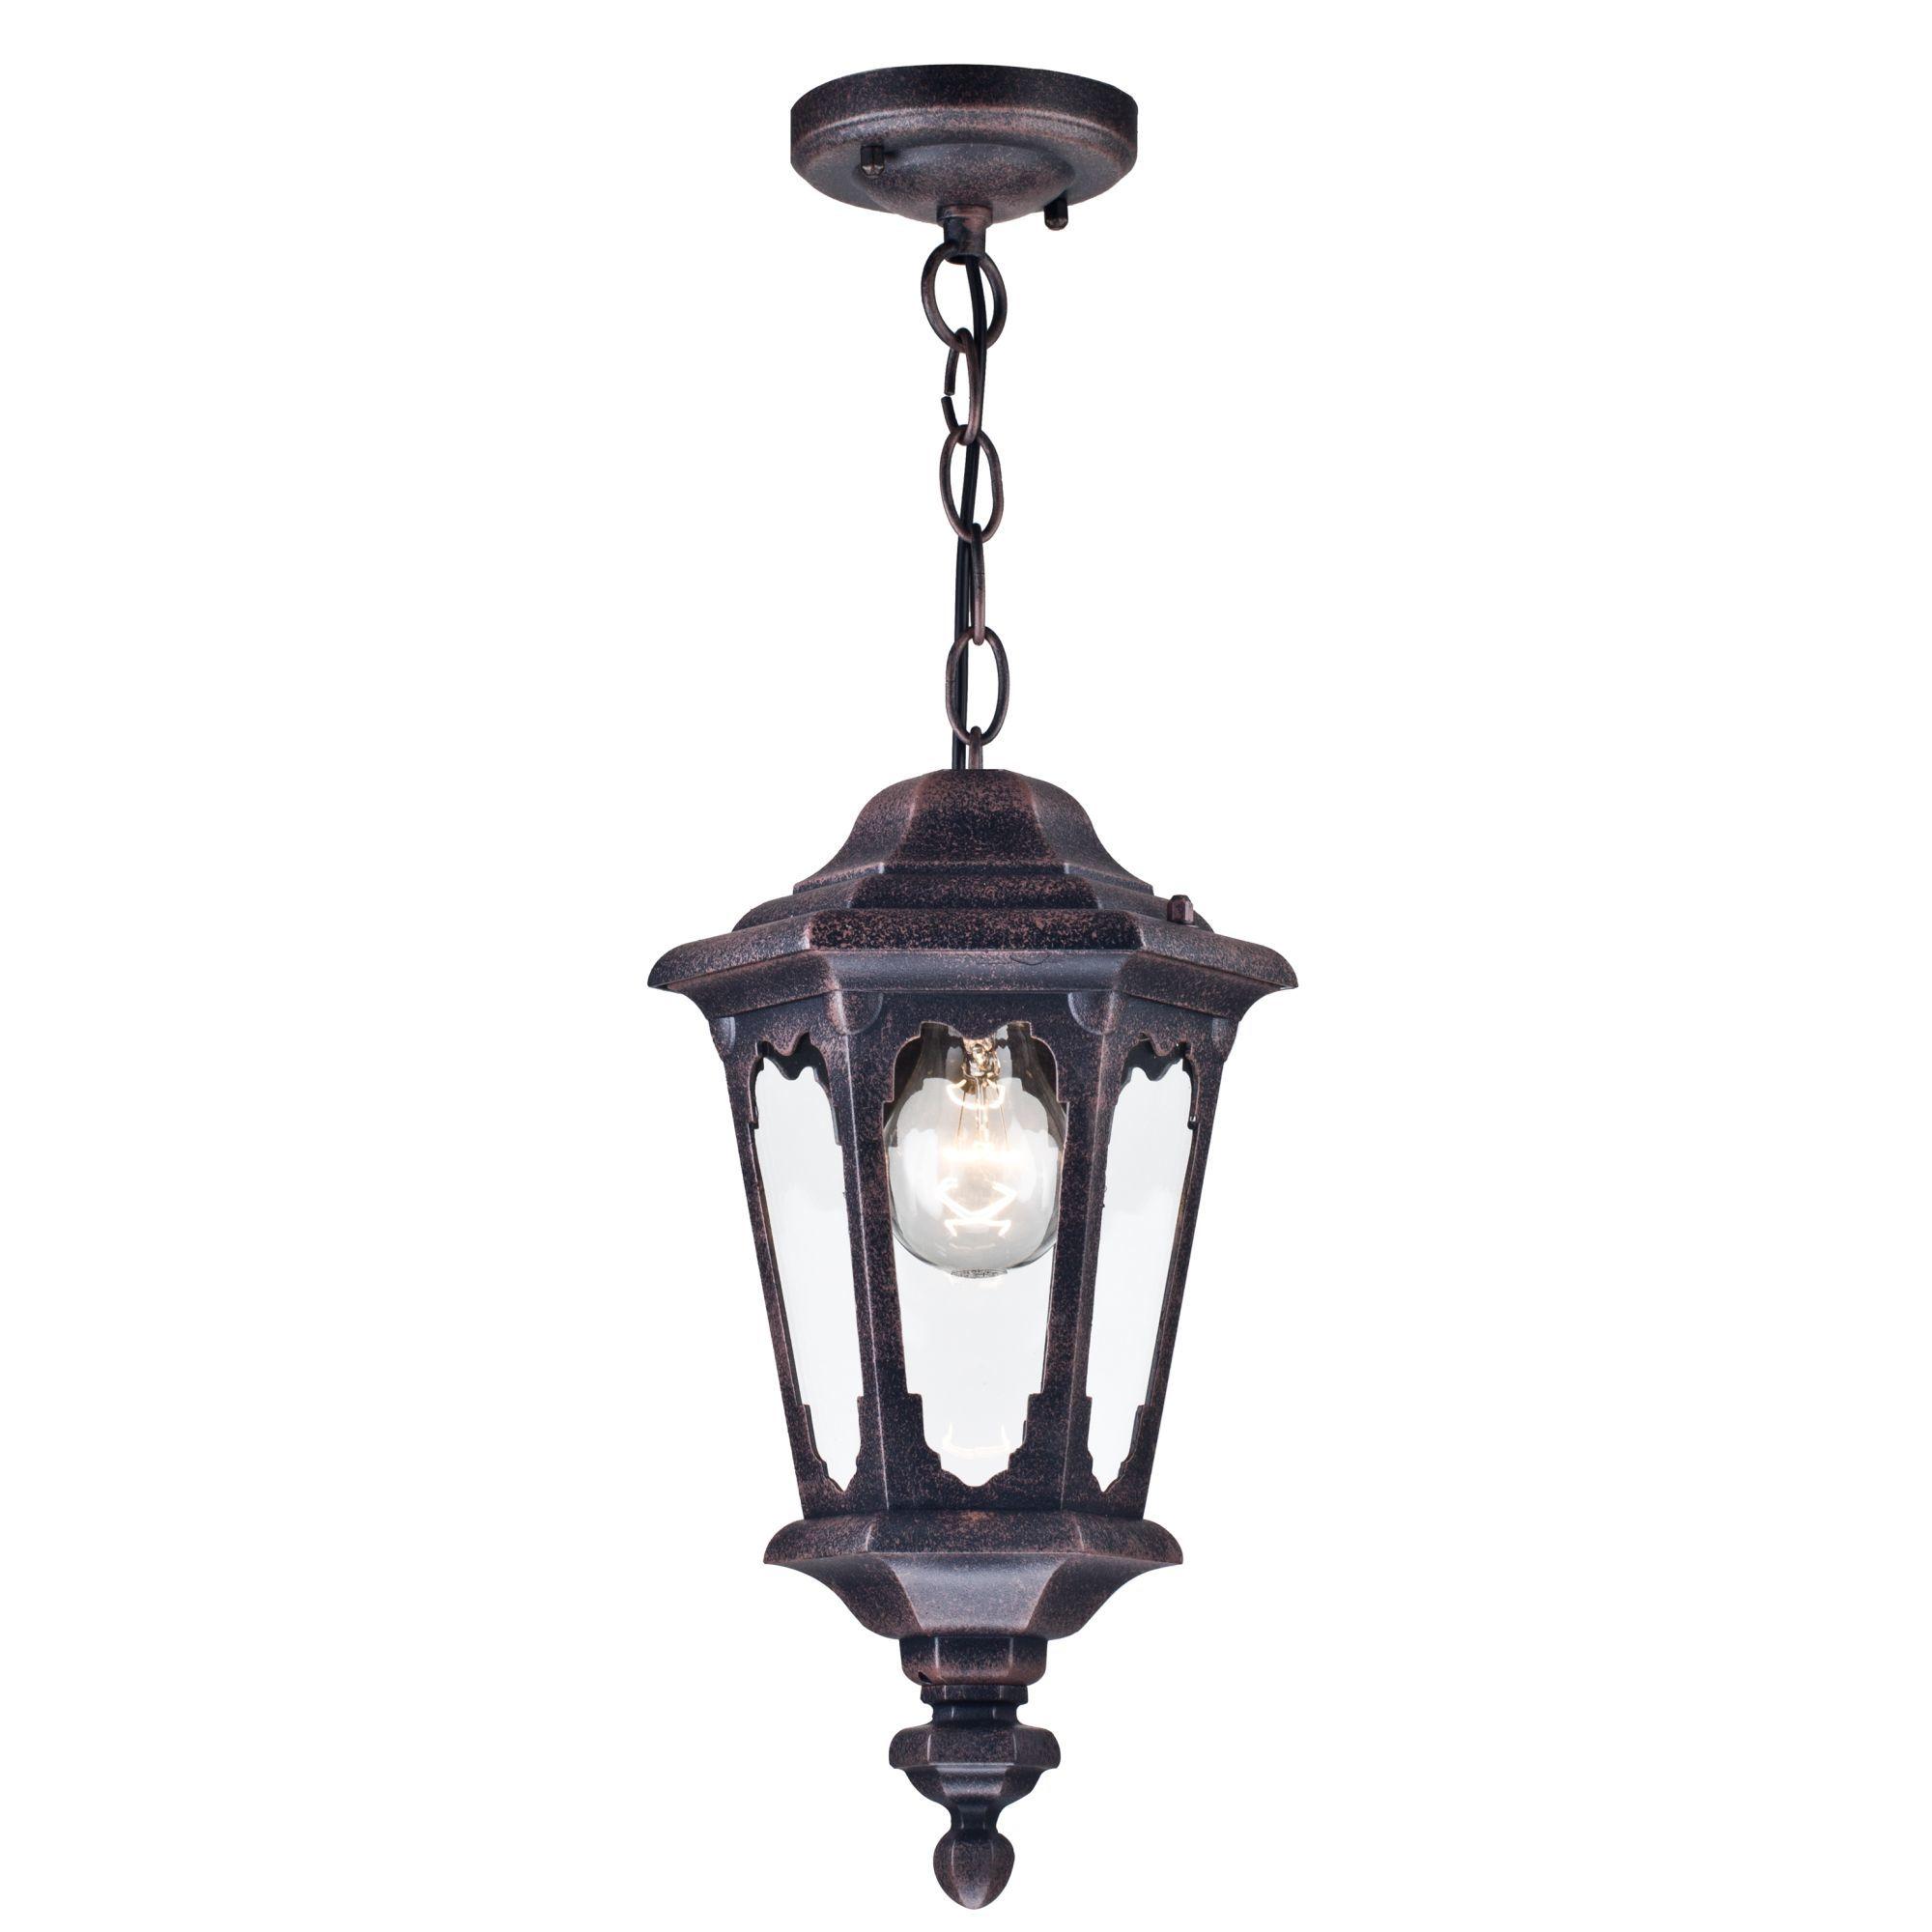 Подвесной светильник Maytoni Oxford S101-10-41-B, IP44, 1xE27x60W, черный, прозрачный, металл, стекло - фото 1